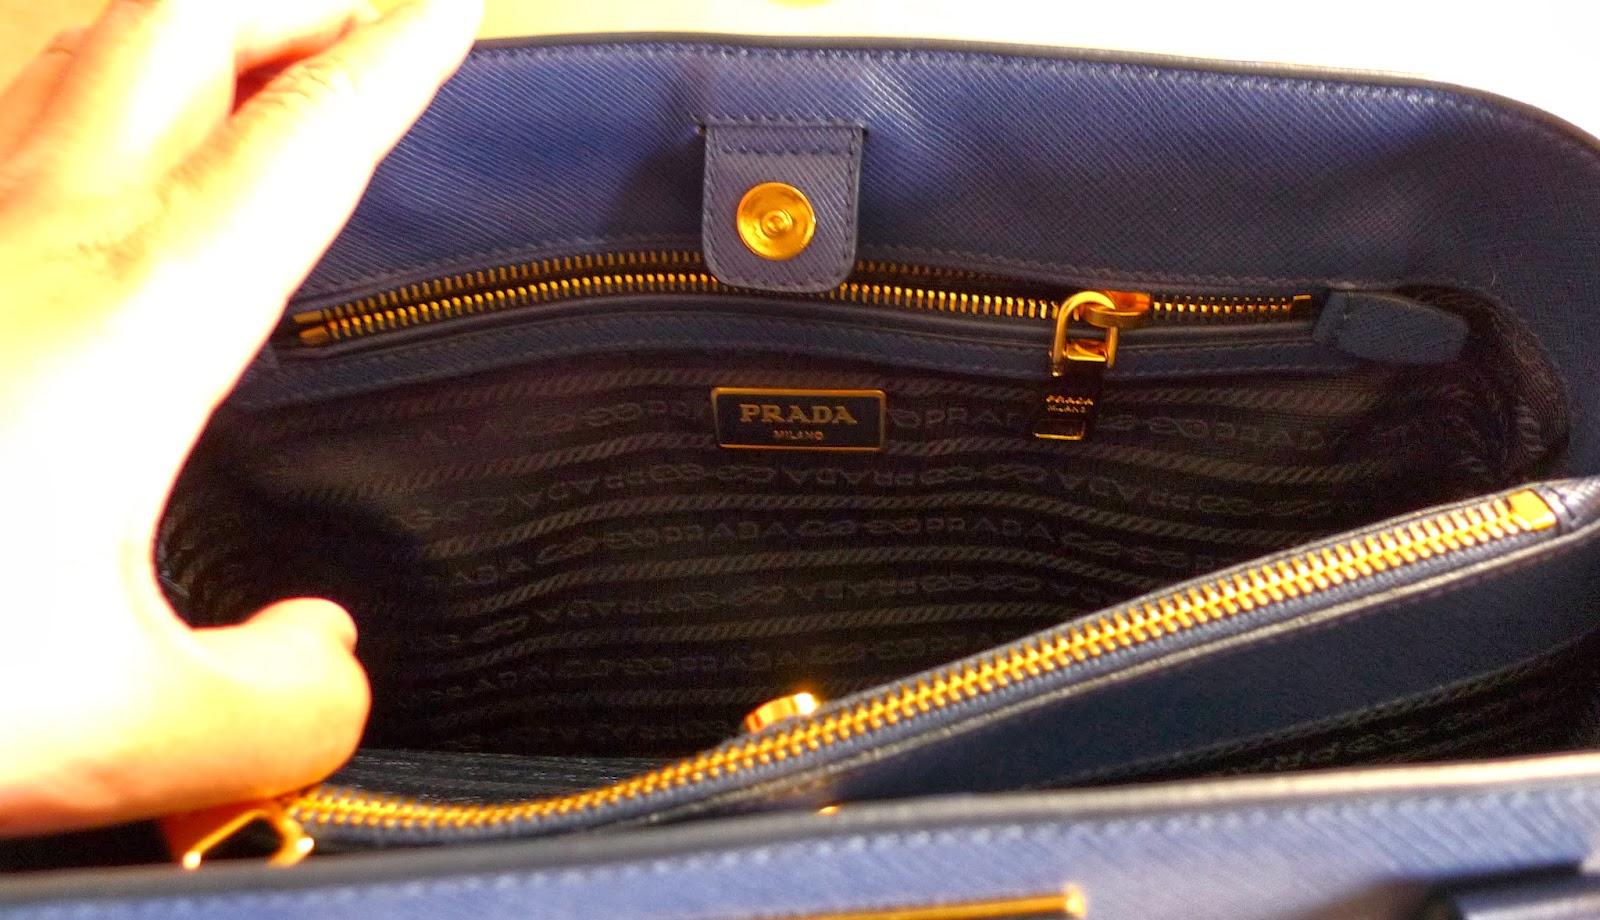 prada tessuto vernice tote - Prada Lux Saffiano BN1874 Review + Authenticate your Prada Lux ...